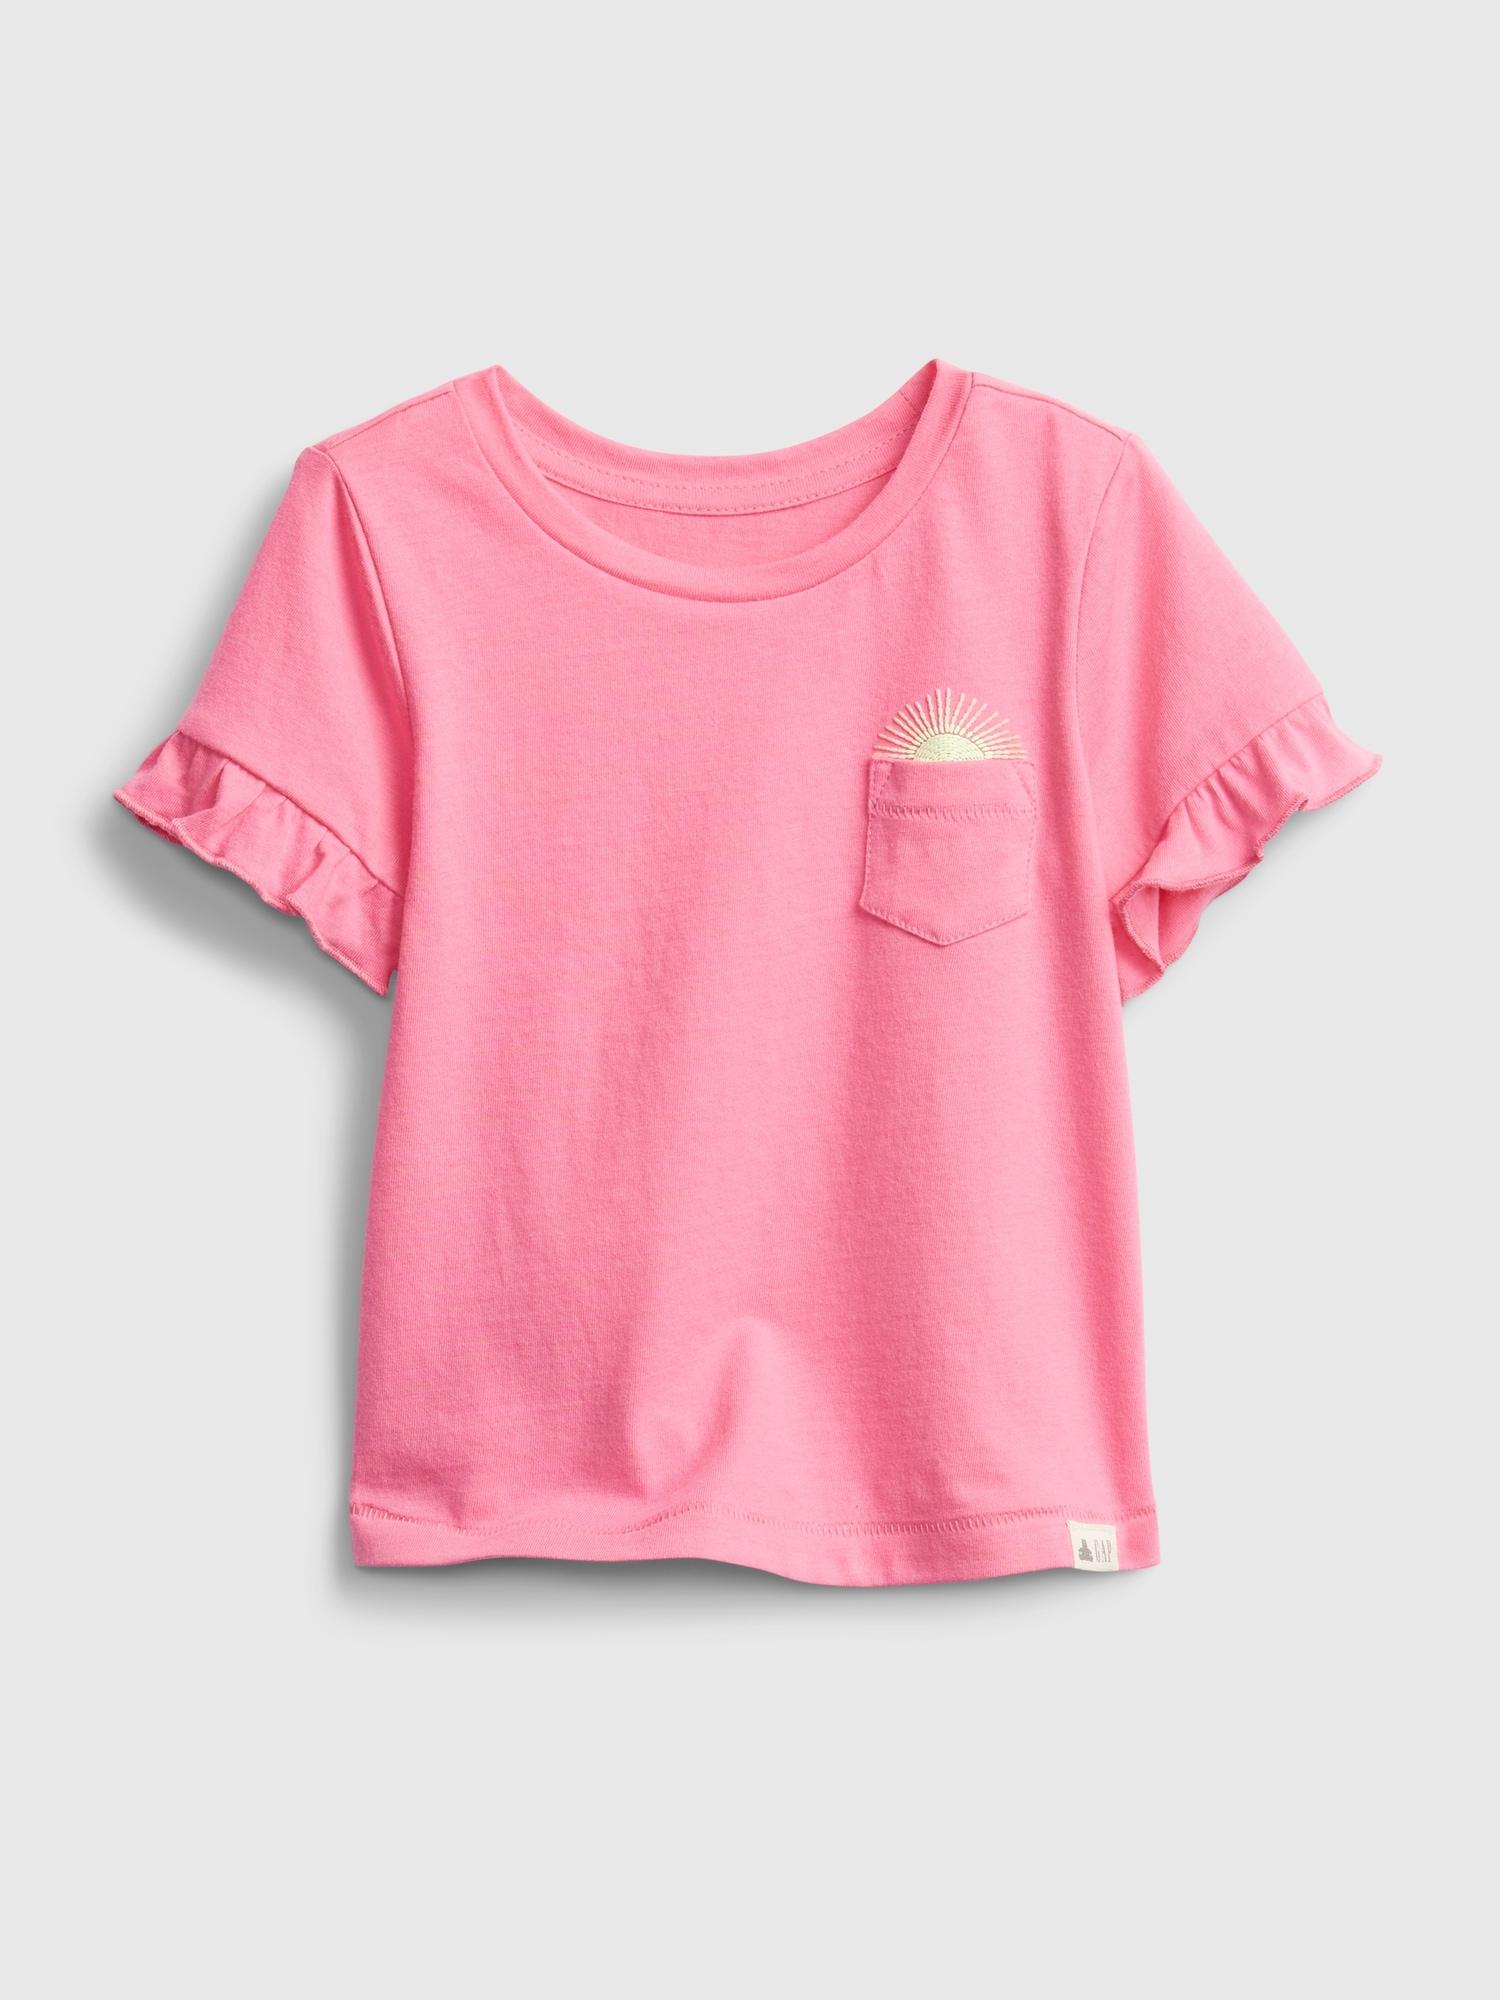 オーガニックコットン 100% ラッフルtシャツ (幼児)